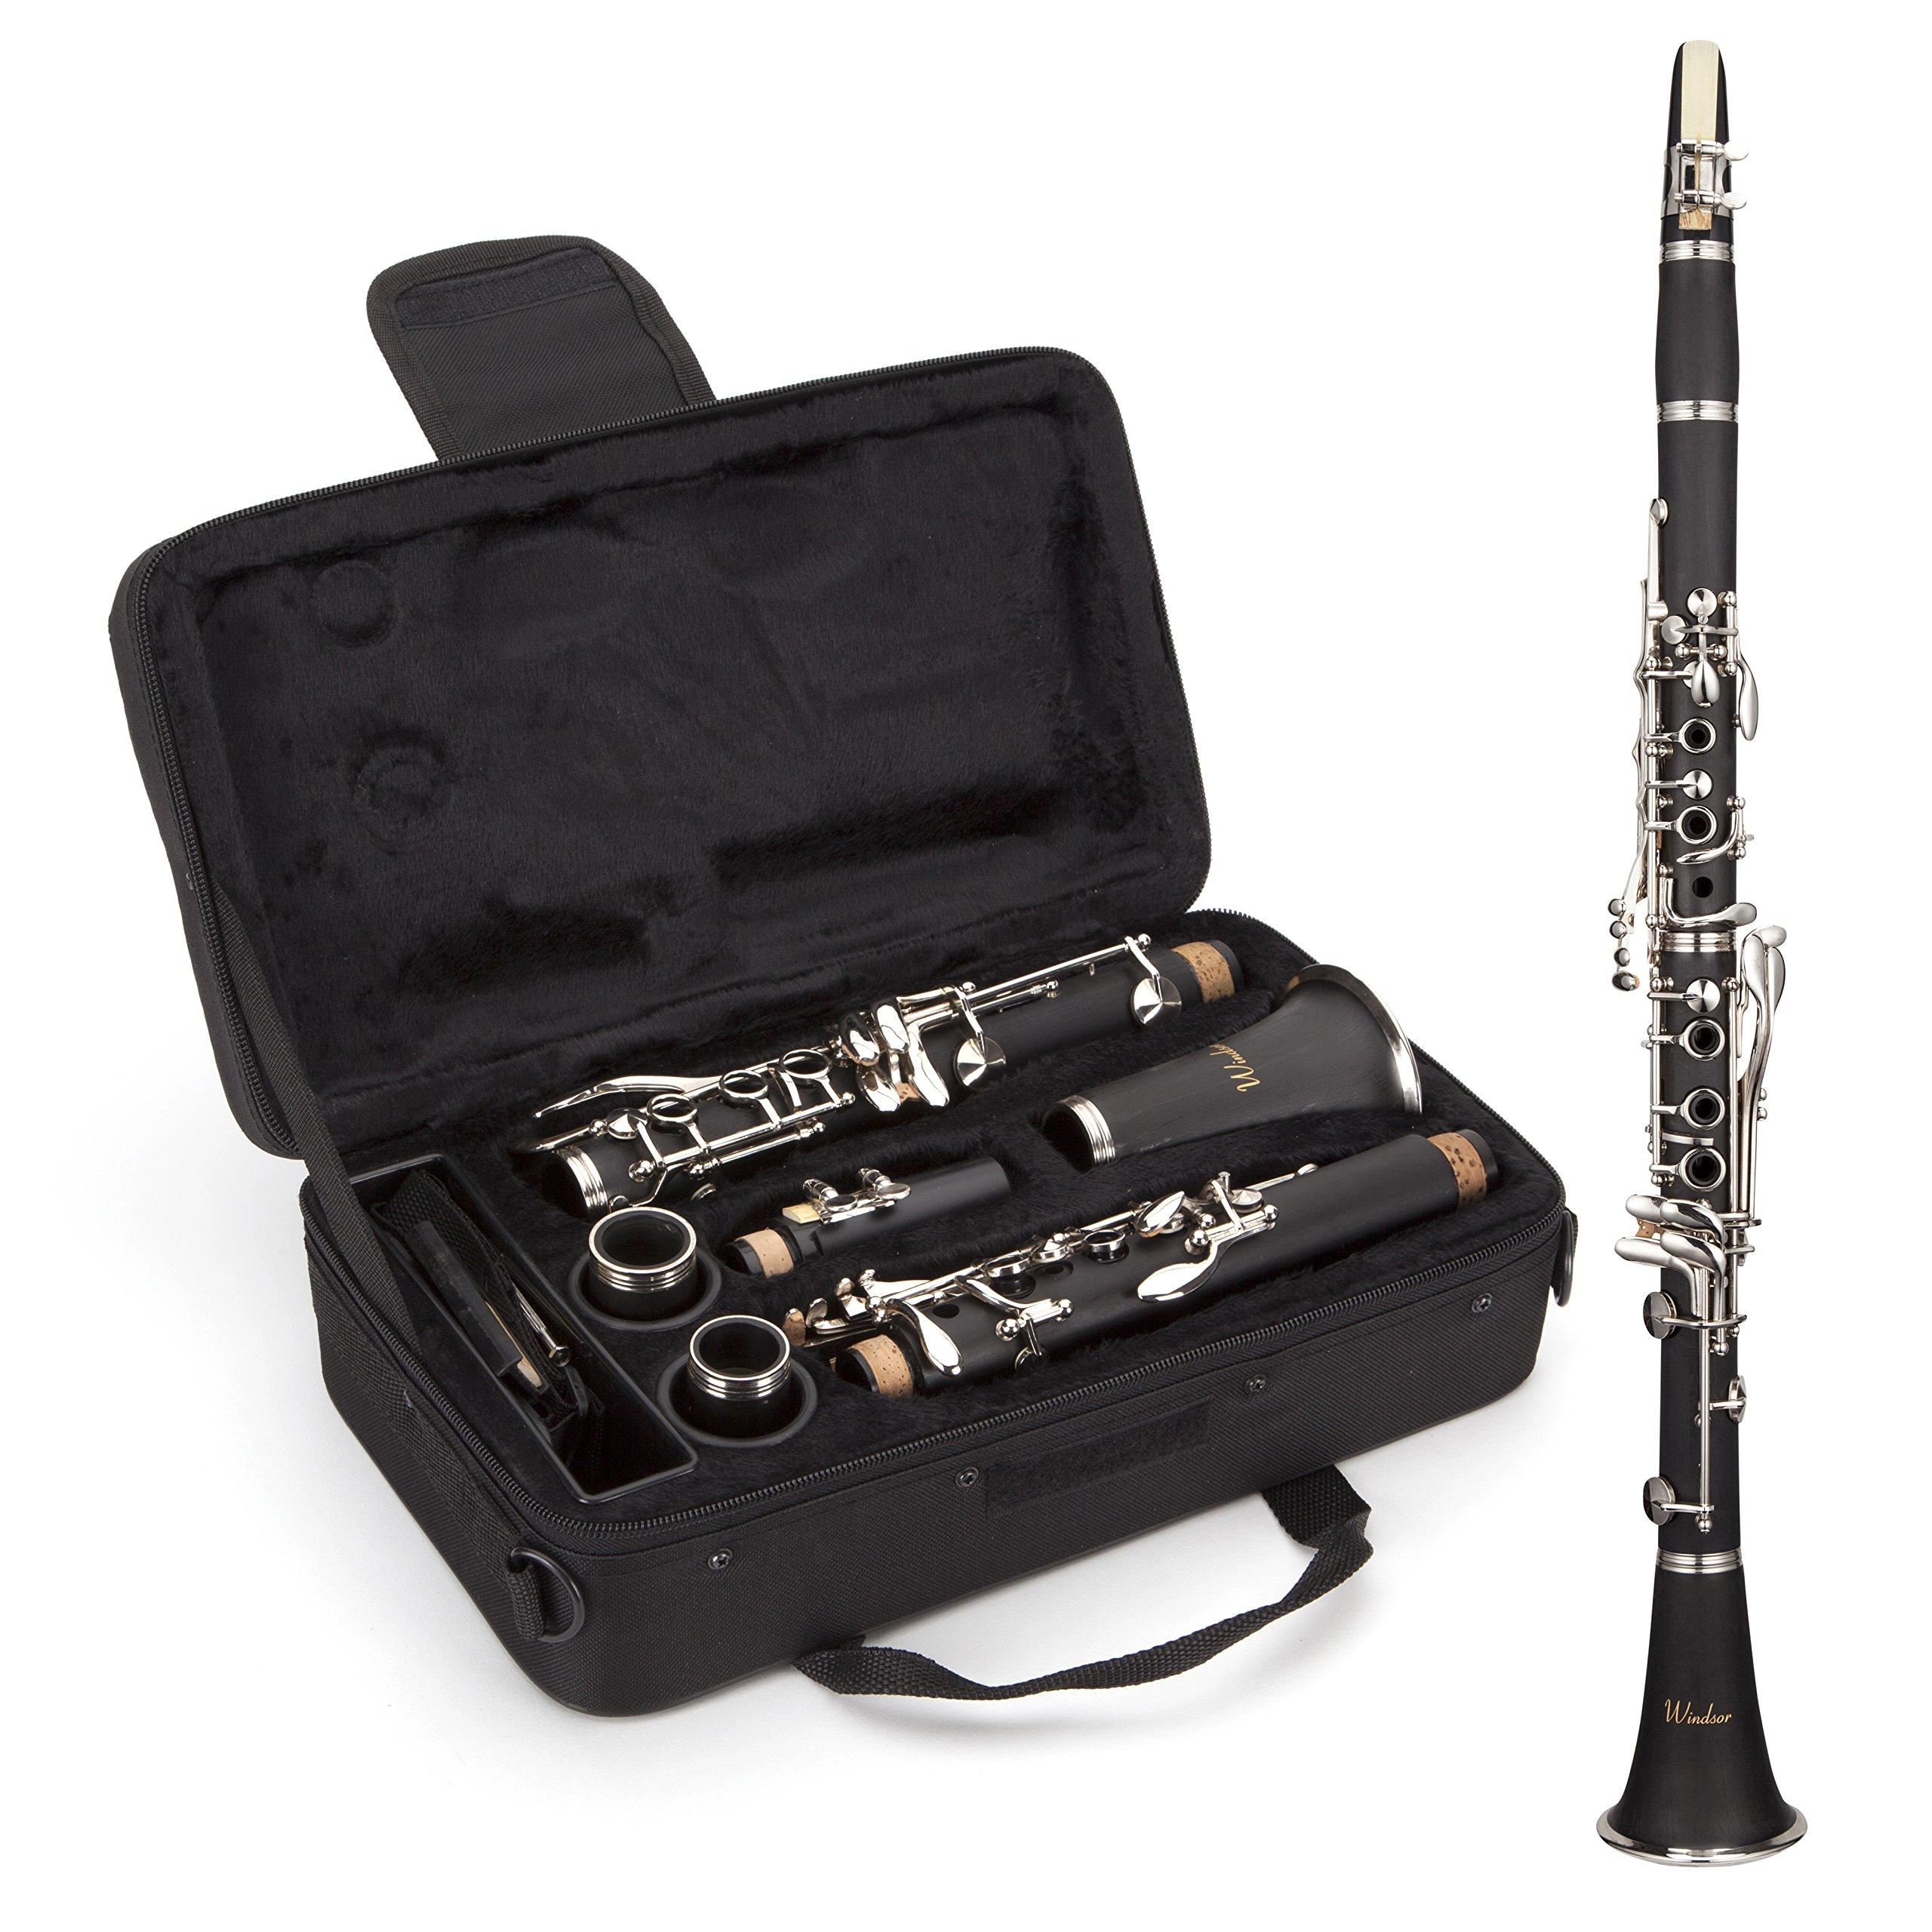 Windsor MI-1003 - Clarinete para estudiantes (en si bemol, completo con funda), color negro: Amazon.es: Instrumentos musicales